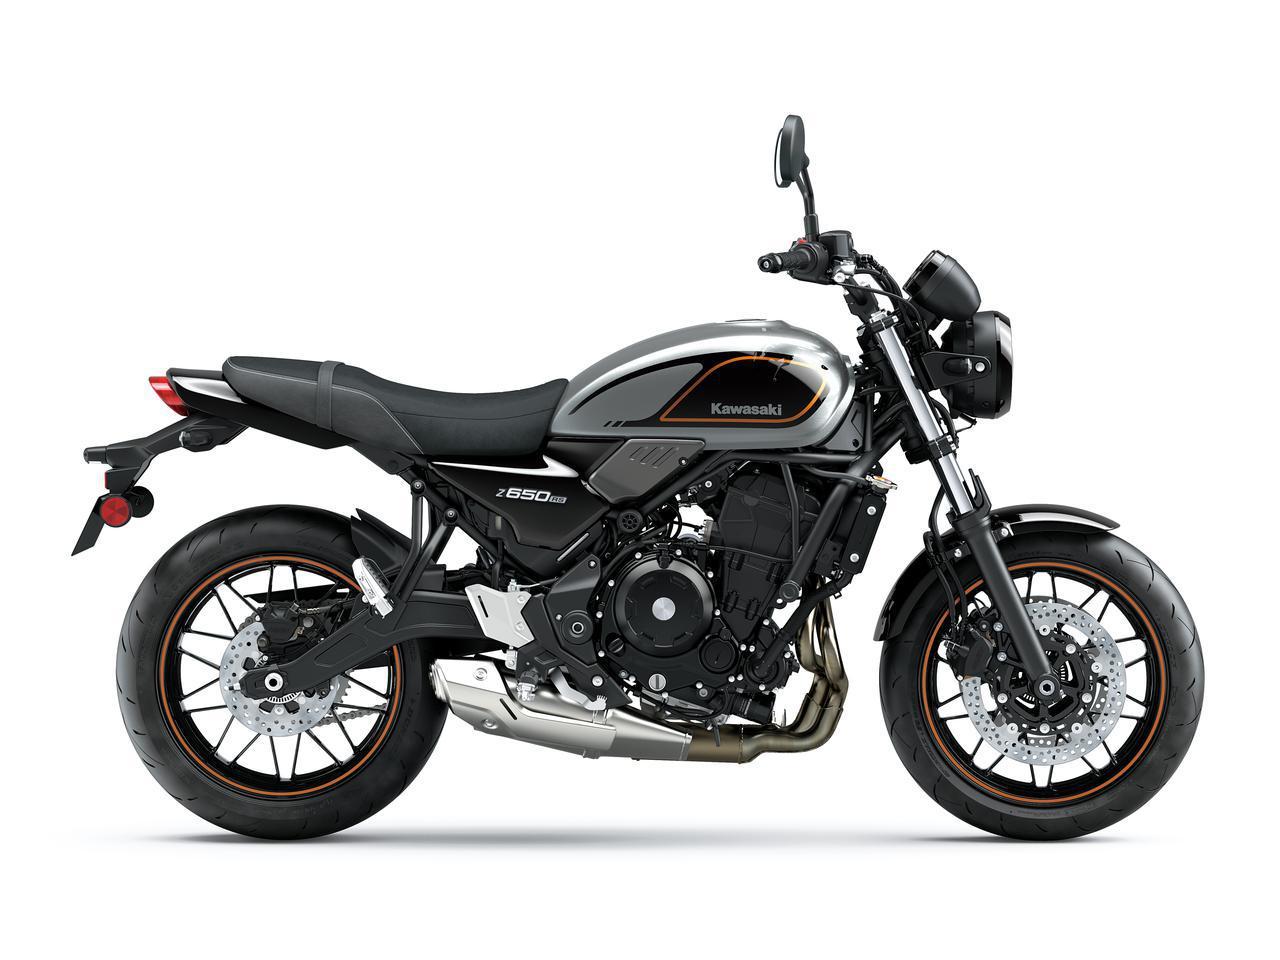 画像10: カワサキ「Z650RS」国内モデルに関する情報|発売時期が明らかに! 日本での販売価格も予想【2022速報】